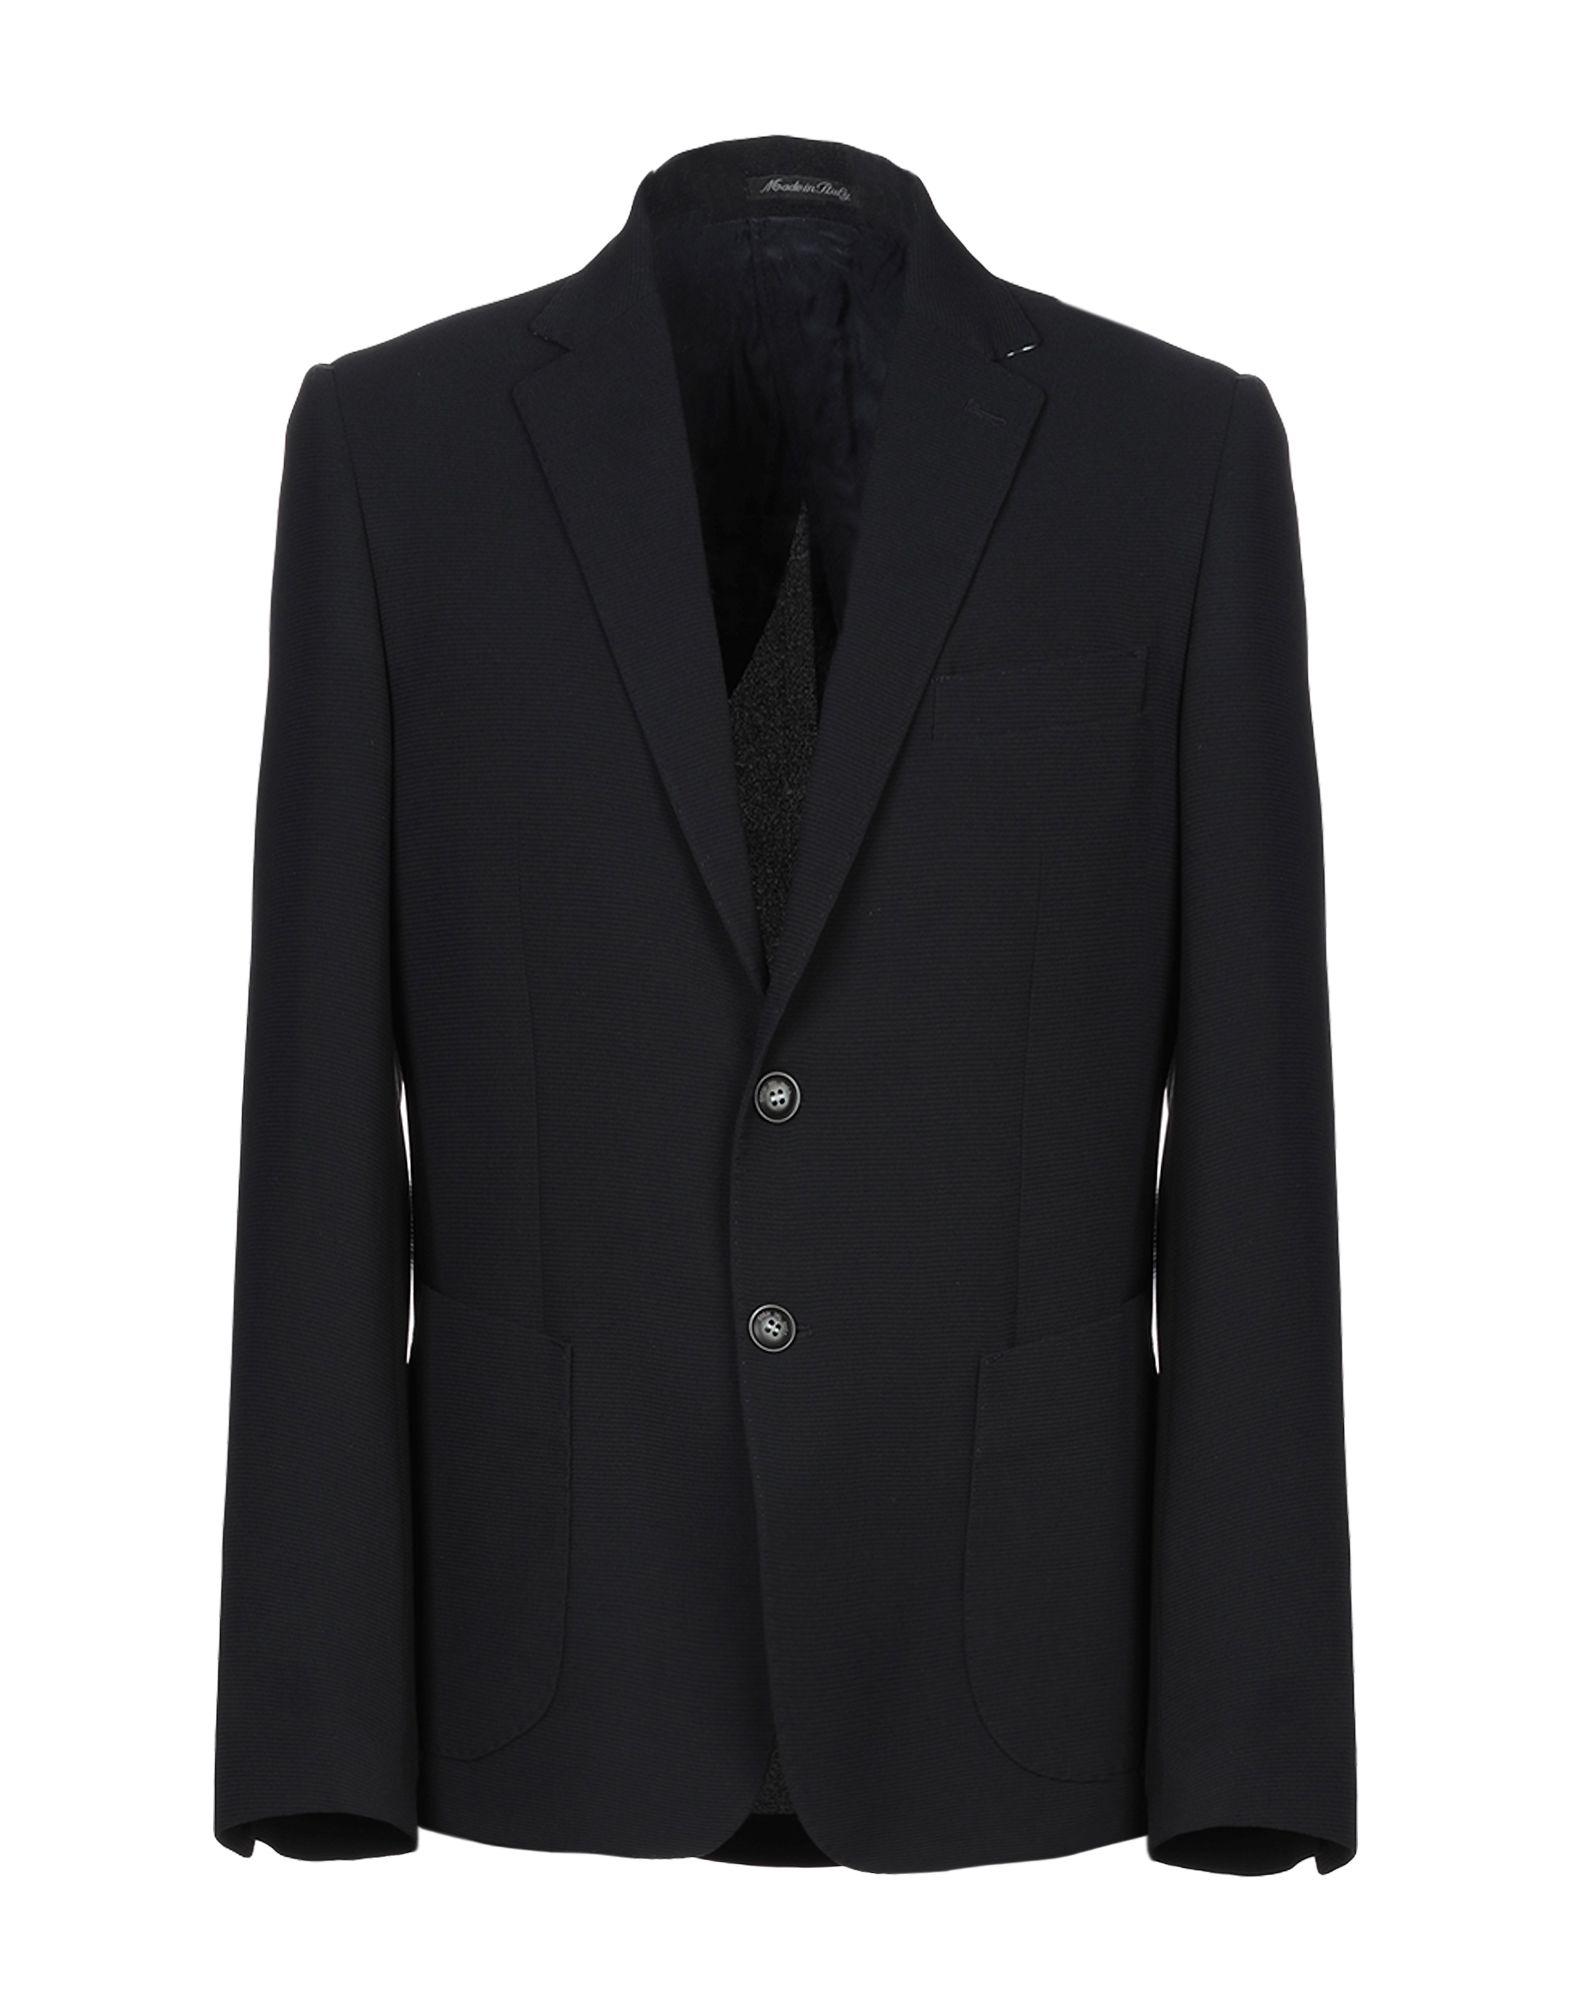 《期間限定セール開催中!》EREDI DEL DUCA メンズ テーラードジャケット ダークブルー 50 ポリエステル 96% / ポリウレタン 4%